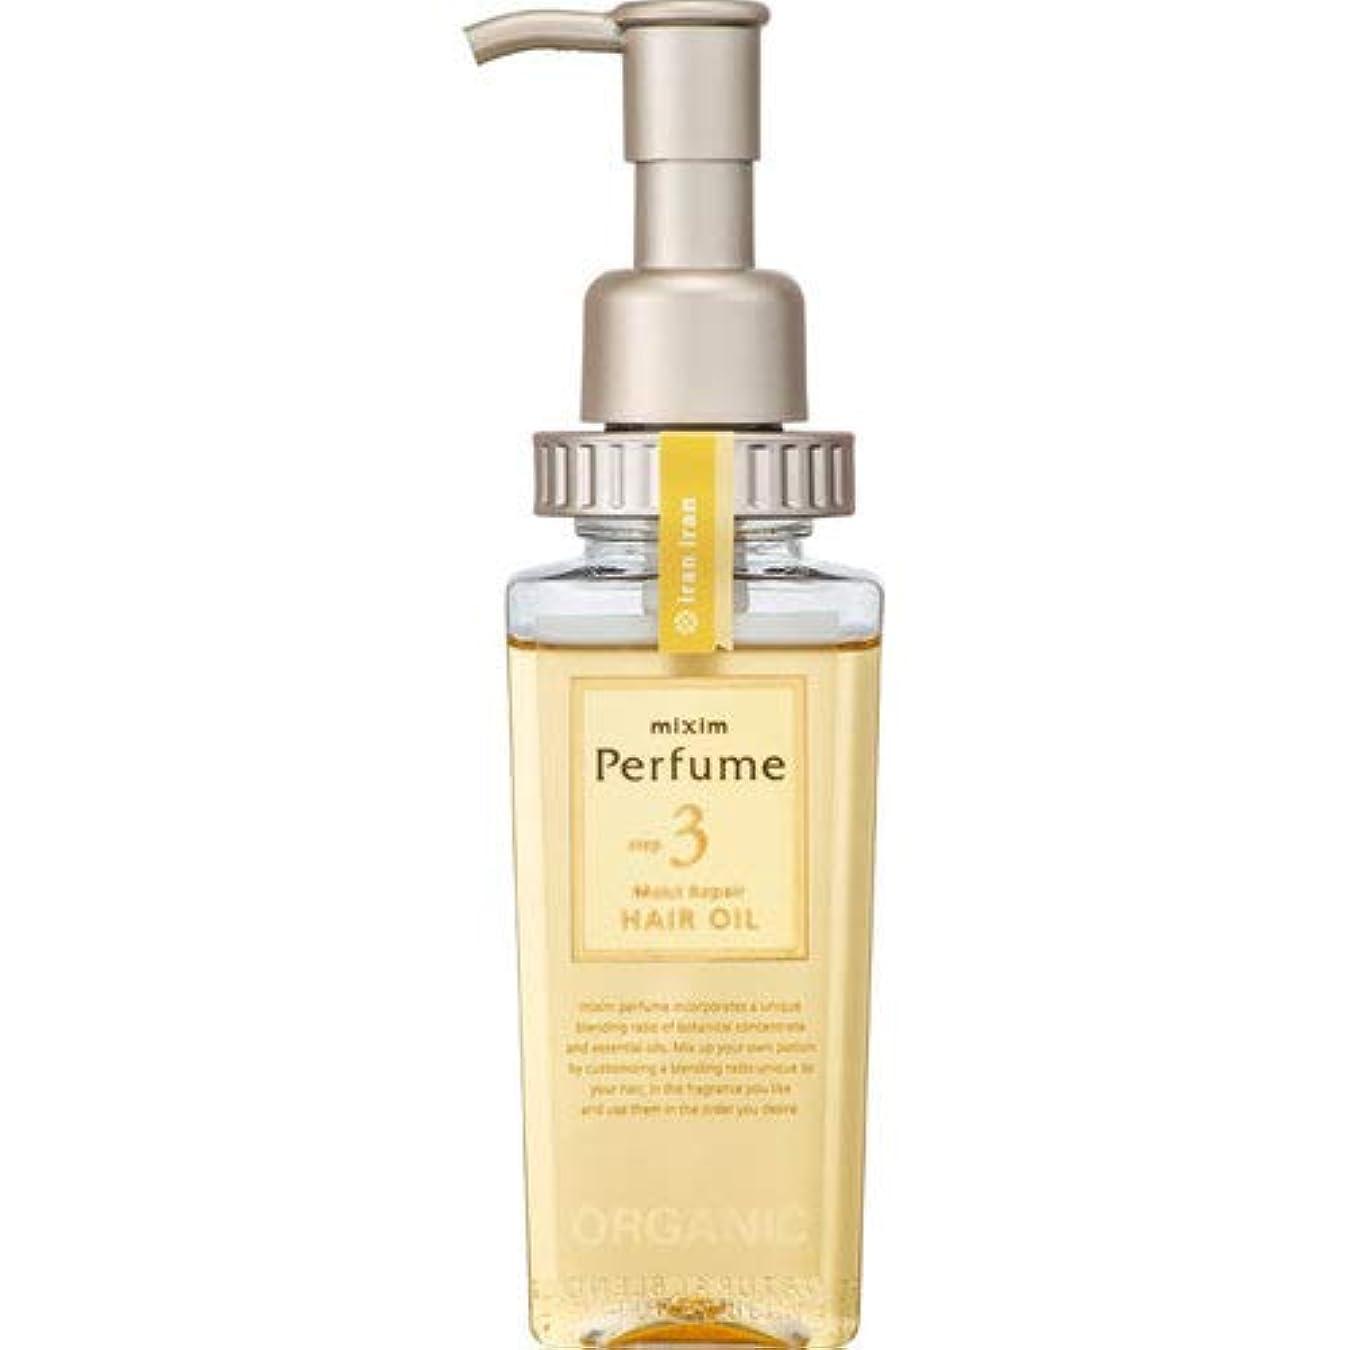 一部激しい暖かさmixim Perfume(ミクシムパフューム) モイストリペア ヘアオイル 100mL